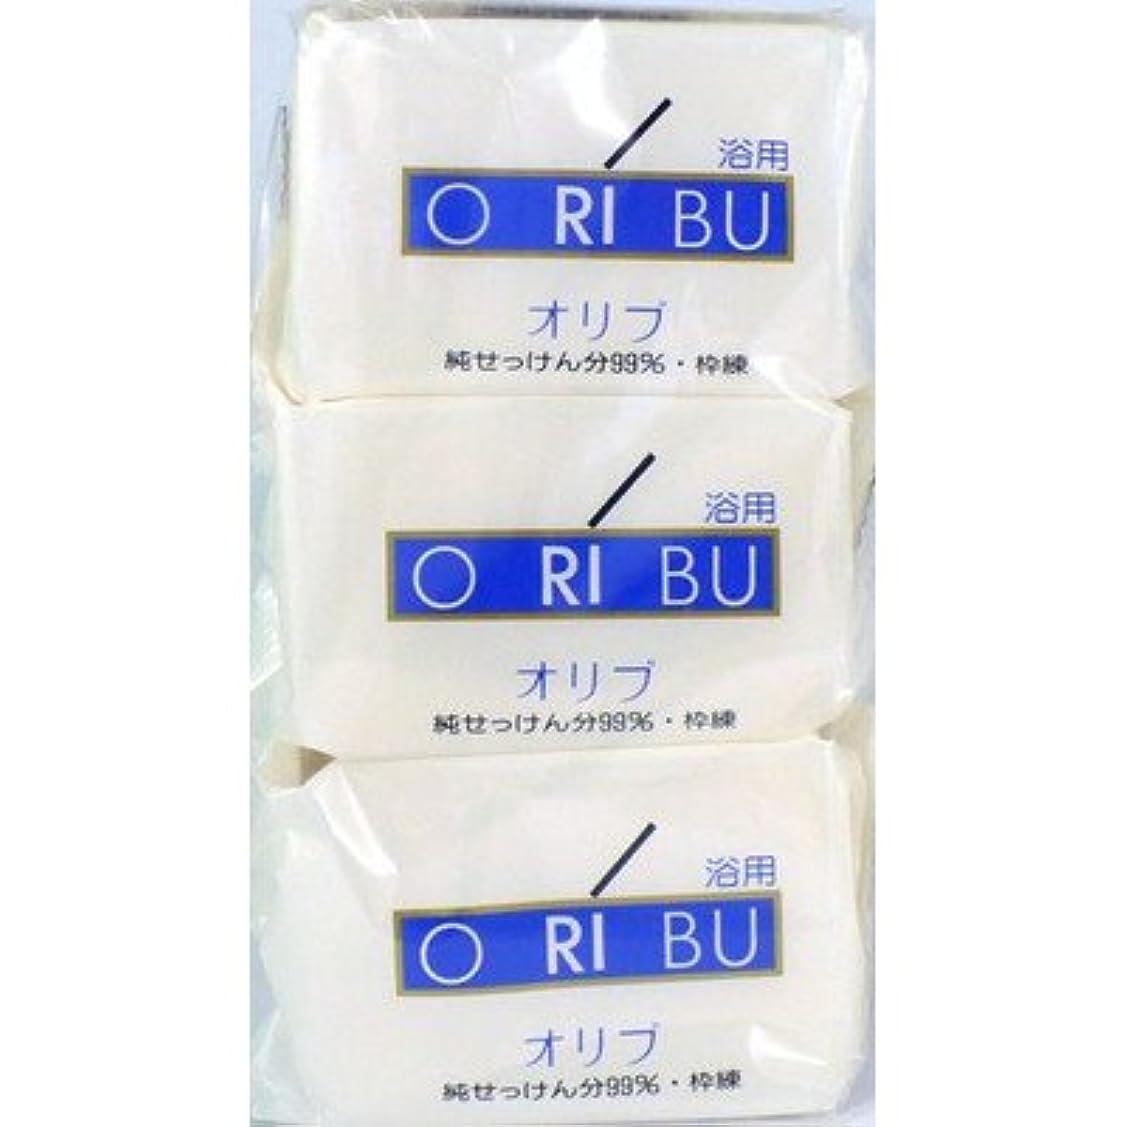 嘆く雨考古学者暁石鹸 ORIBU オリブ 浴用石鹸 110g 3個入り